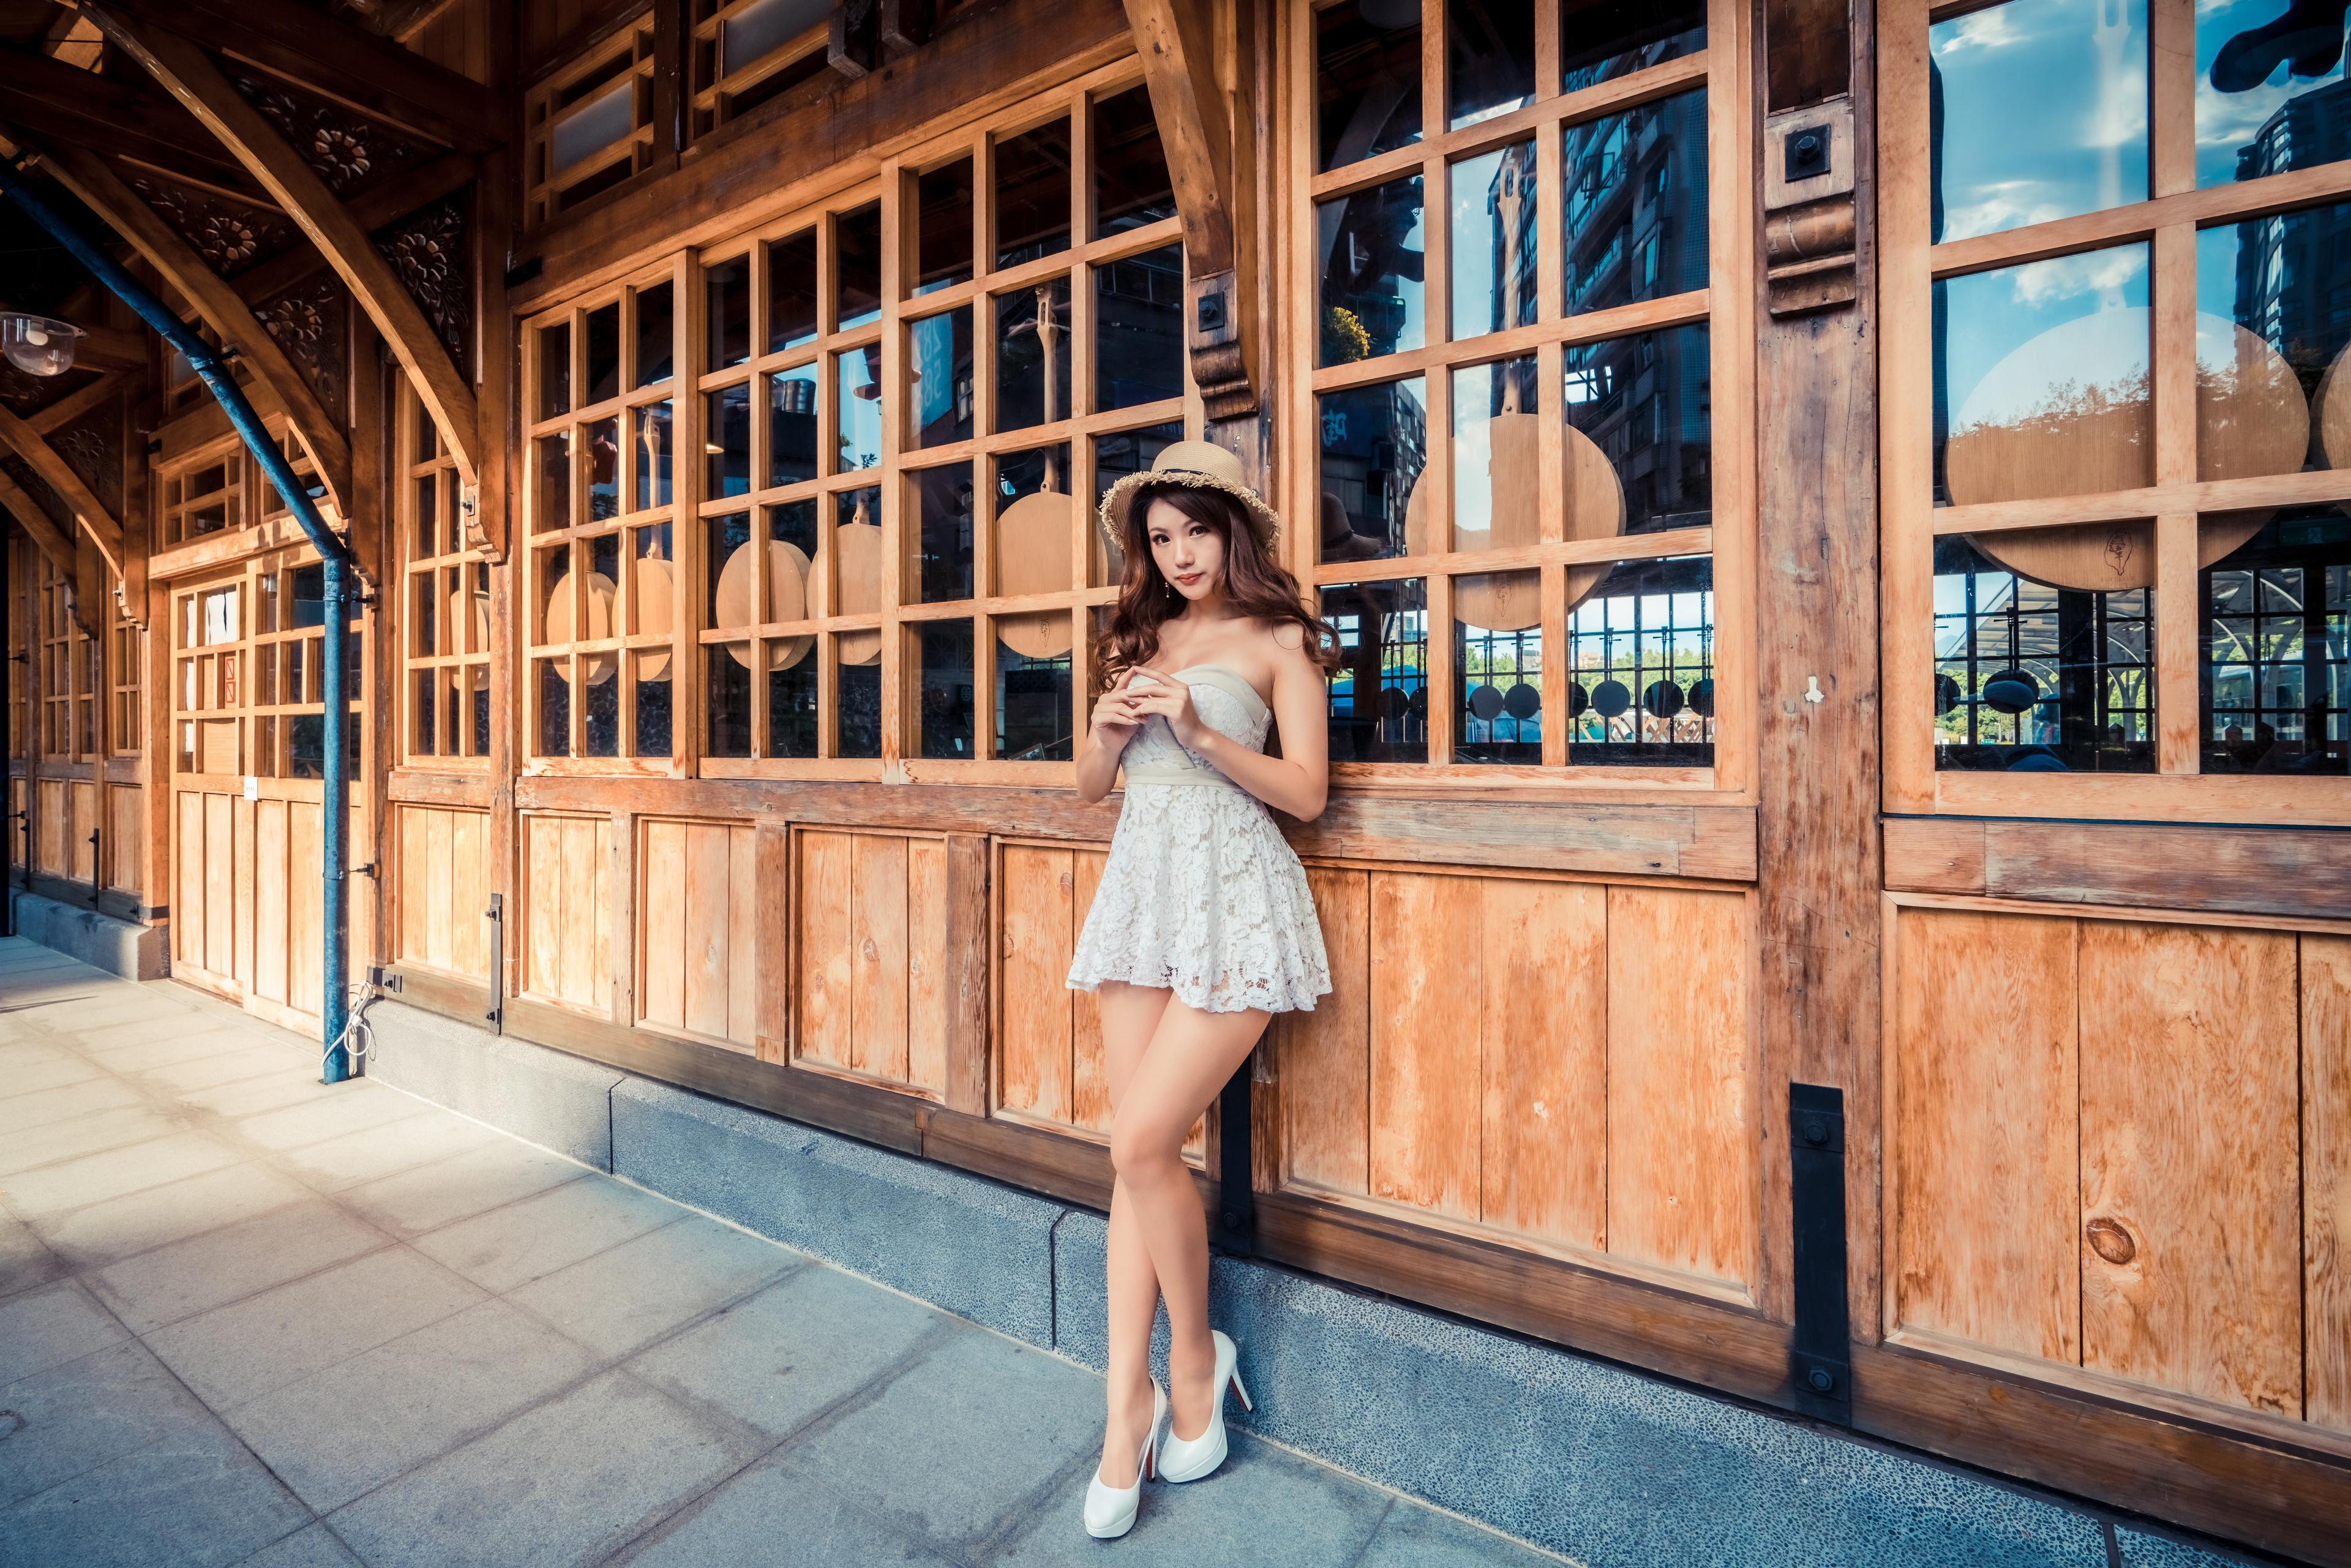 Asiático Pose Vestido Sombrero de Contacto visual mujer joven, mujeres jóvenes, asiática, posando Chicas